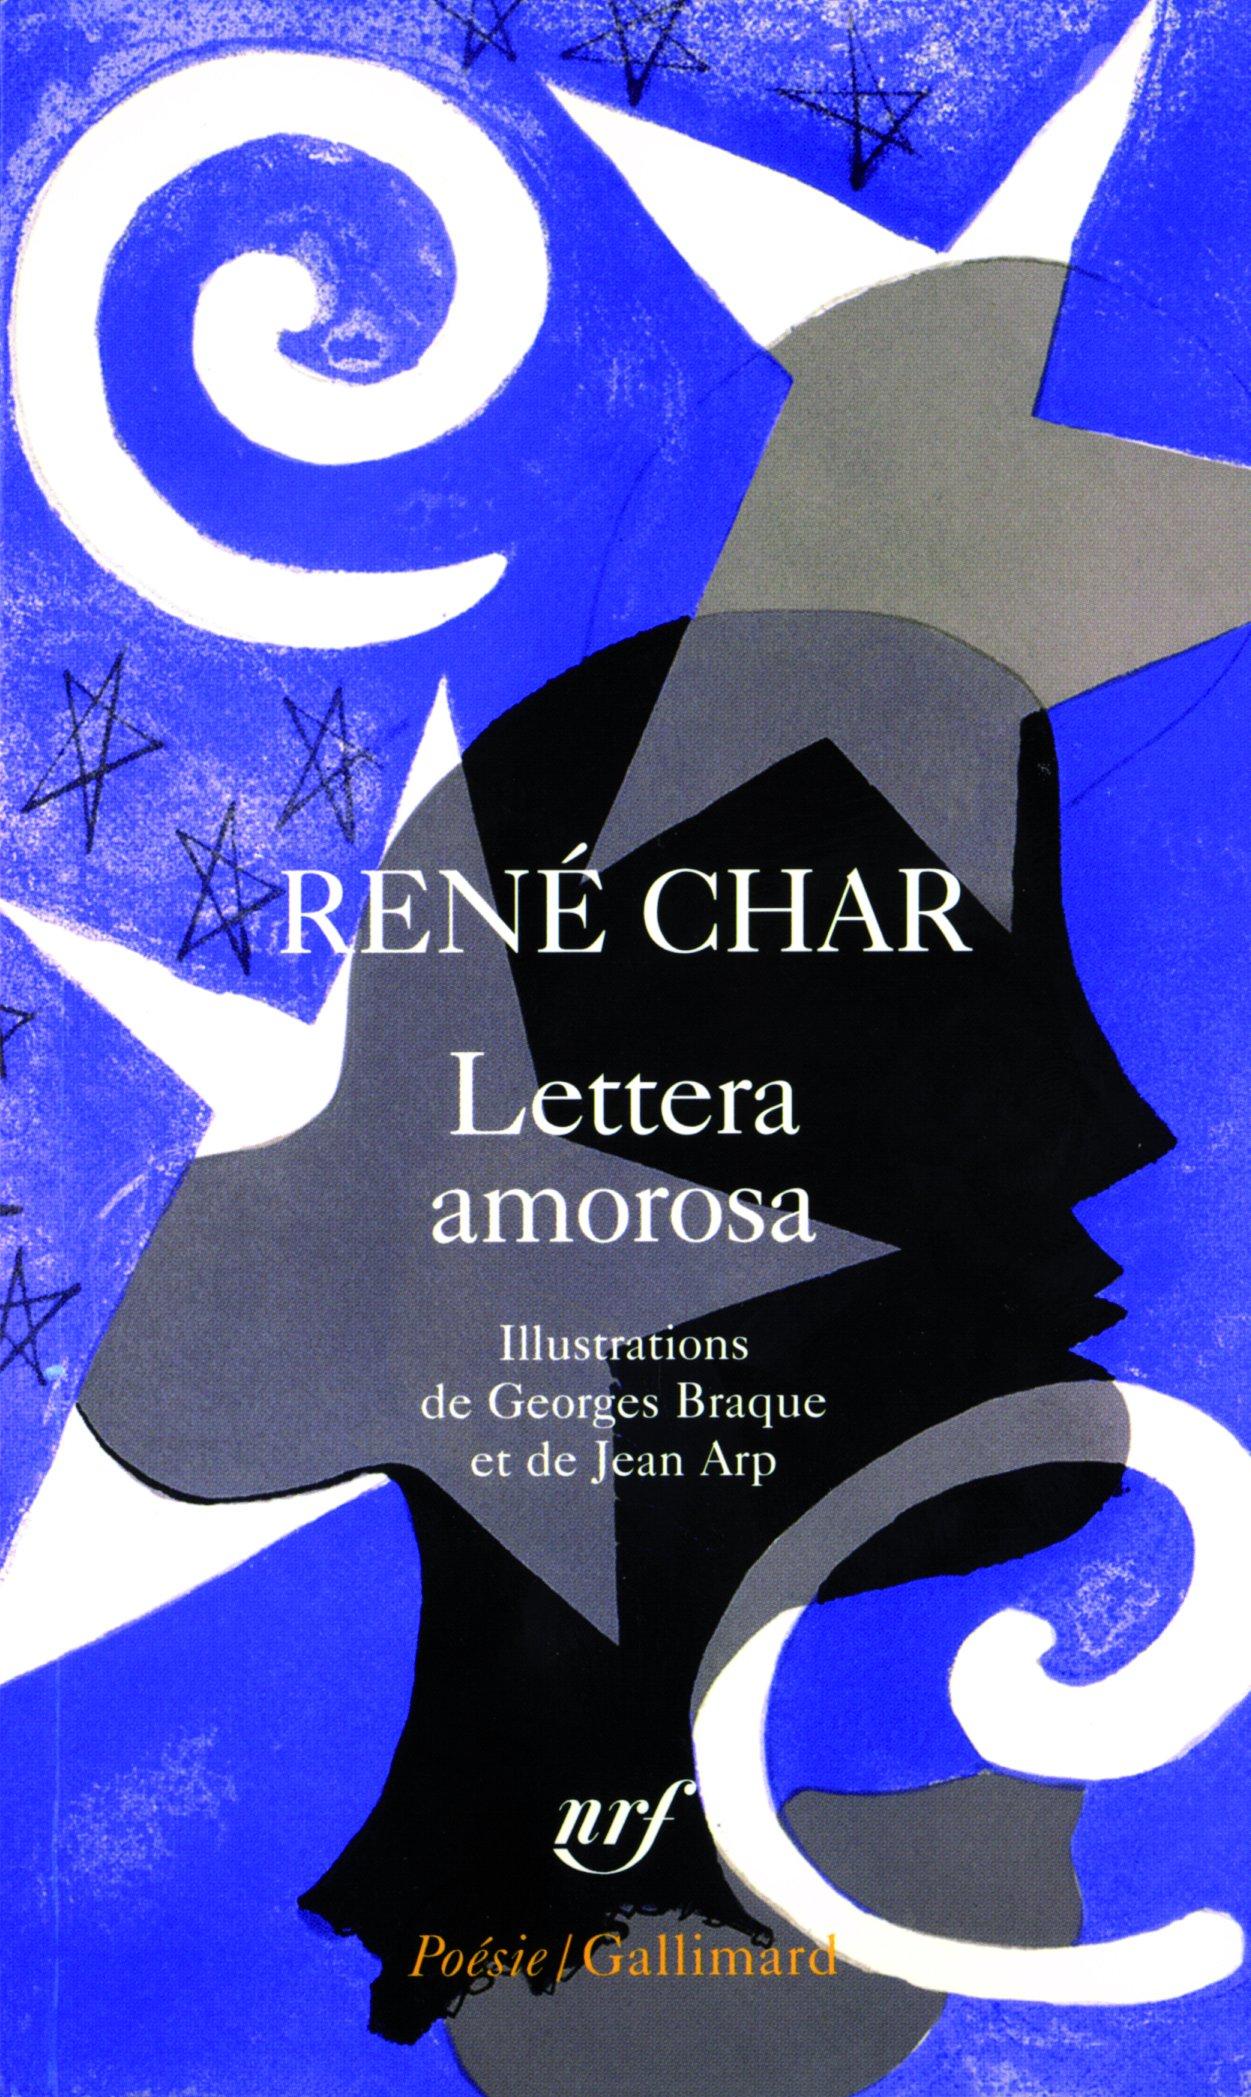 La LETTERA AMOROSA de René Char: quelques pistes d'analyse pour l'étude de l'ouvrage